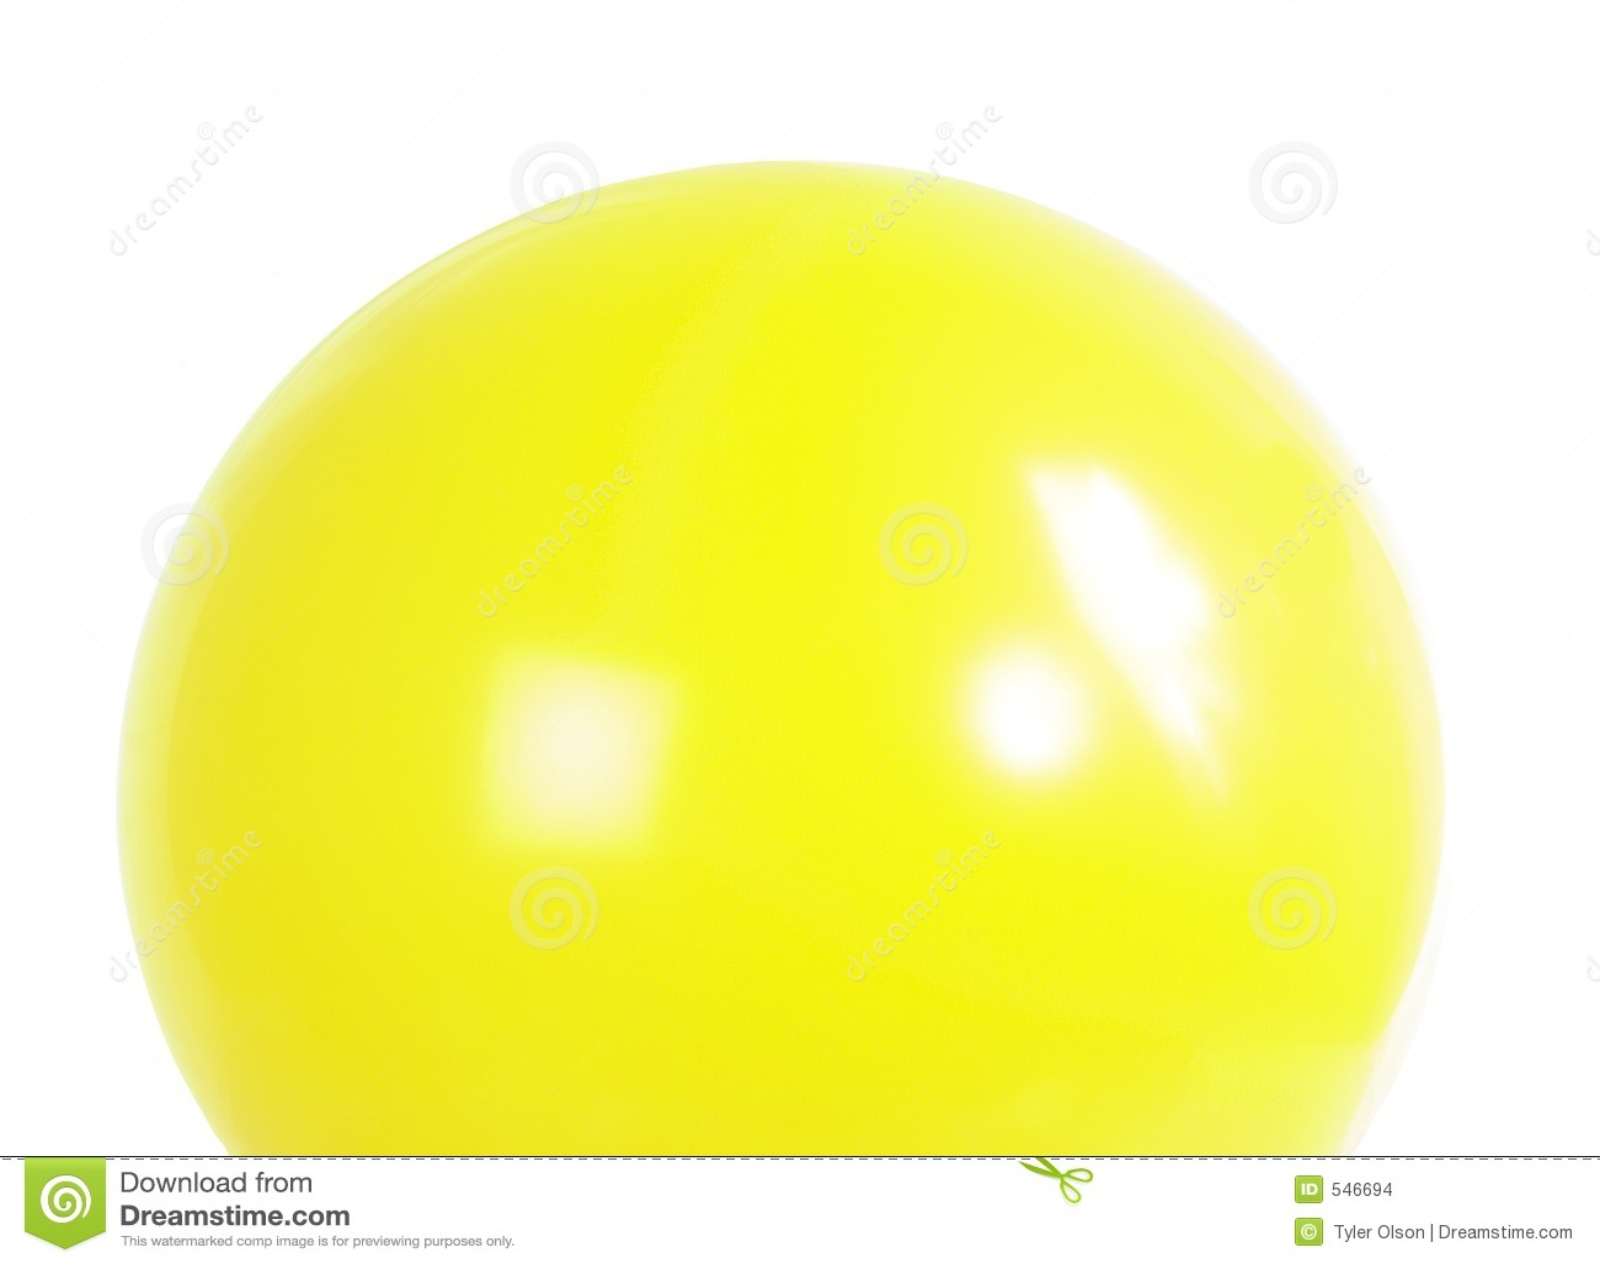 Download Baloon黄色 库存照片. 图片 包括有 隔离, 女演员, 乐趣, 塑料, 剪切, 愉快, 颜色, 五颜六色 - 546694